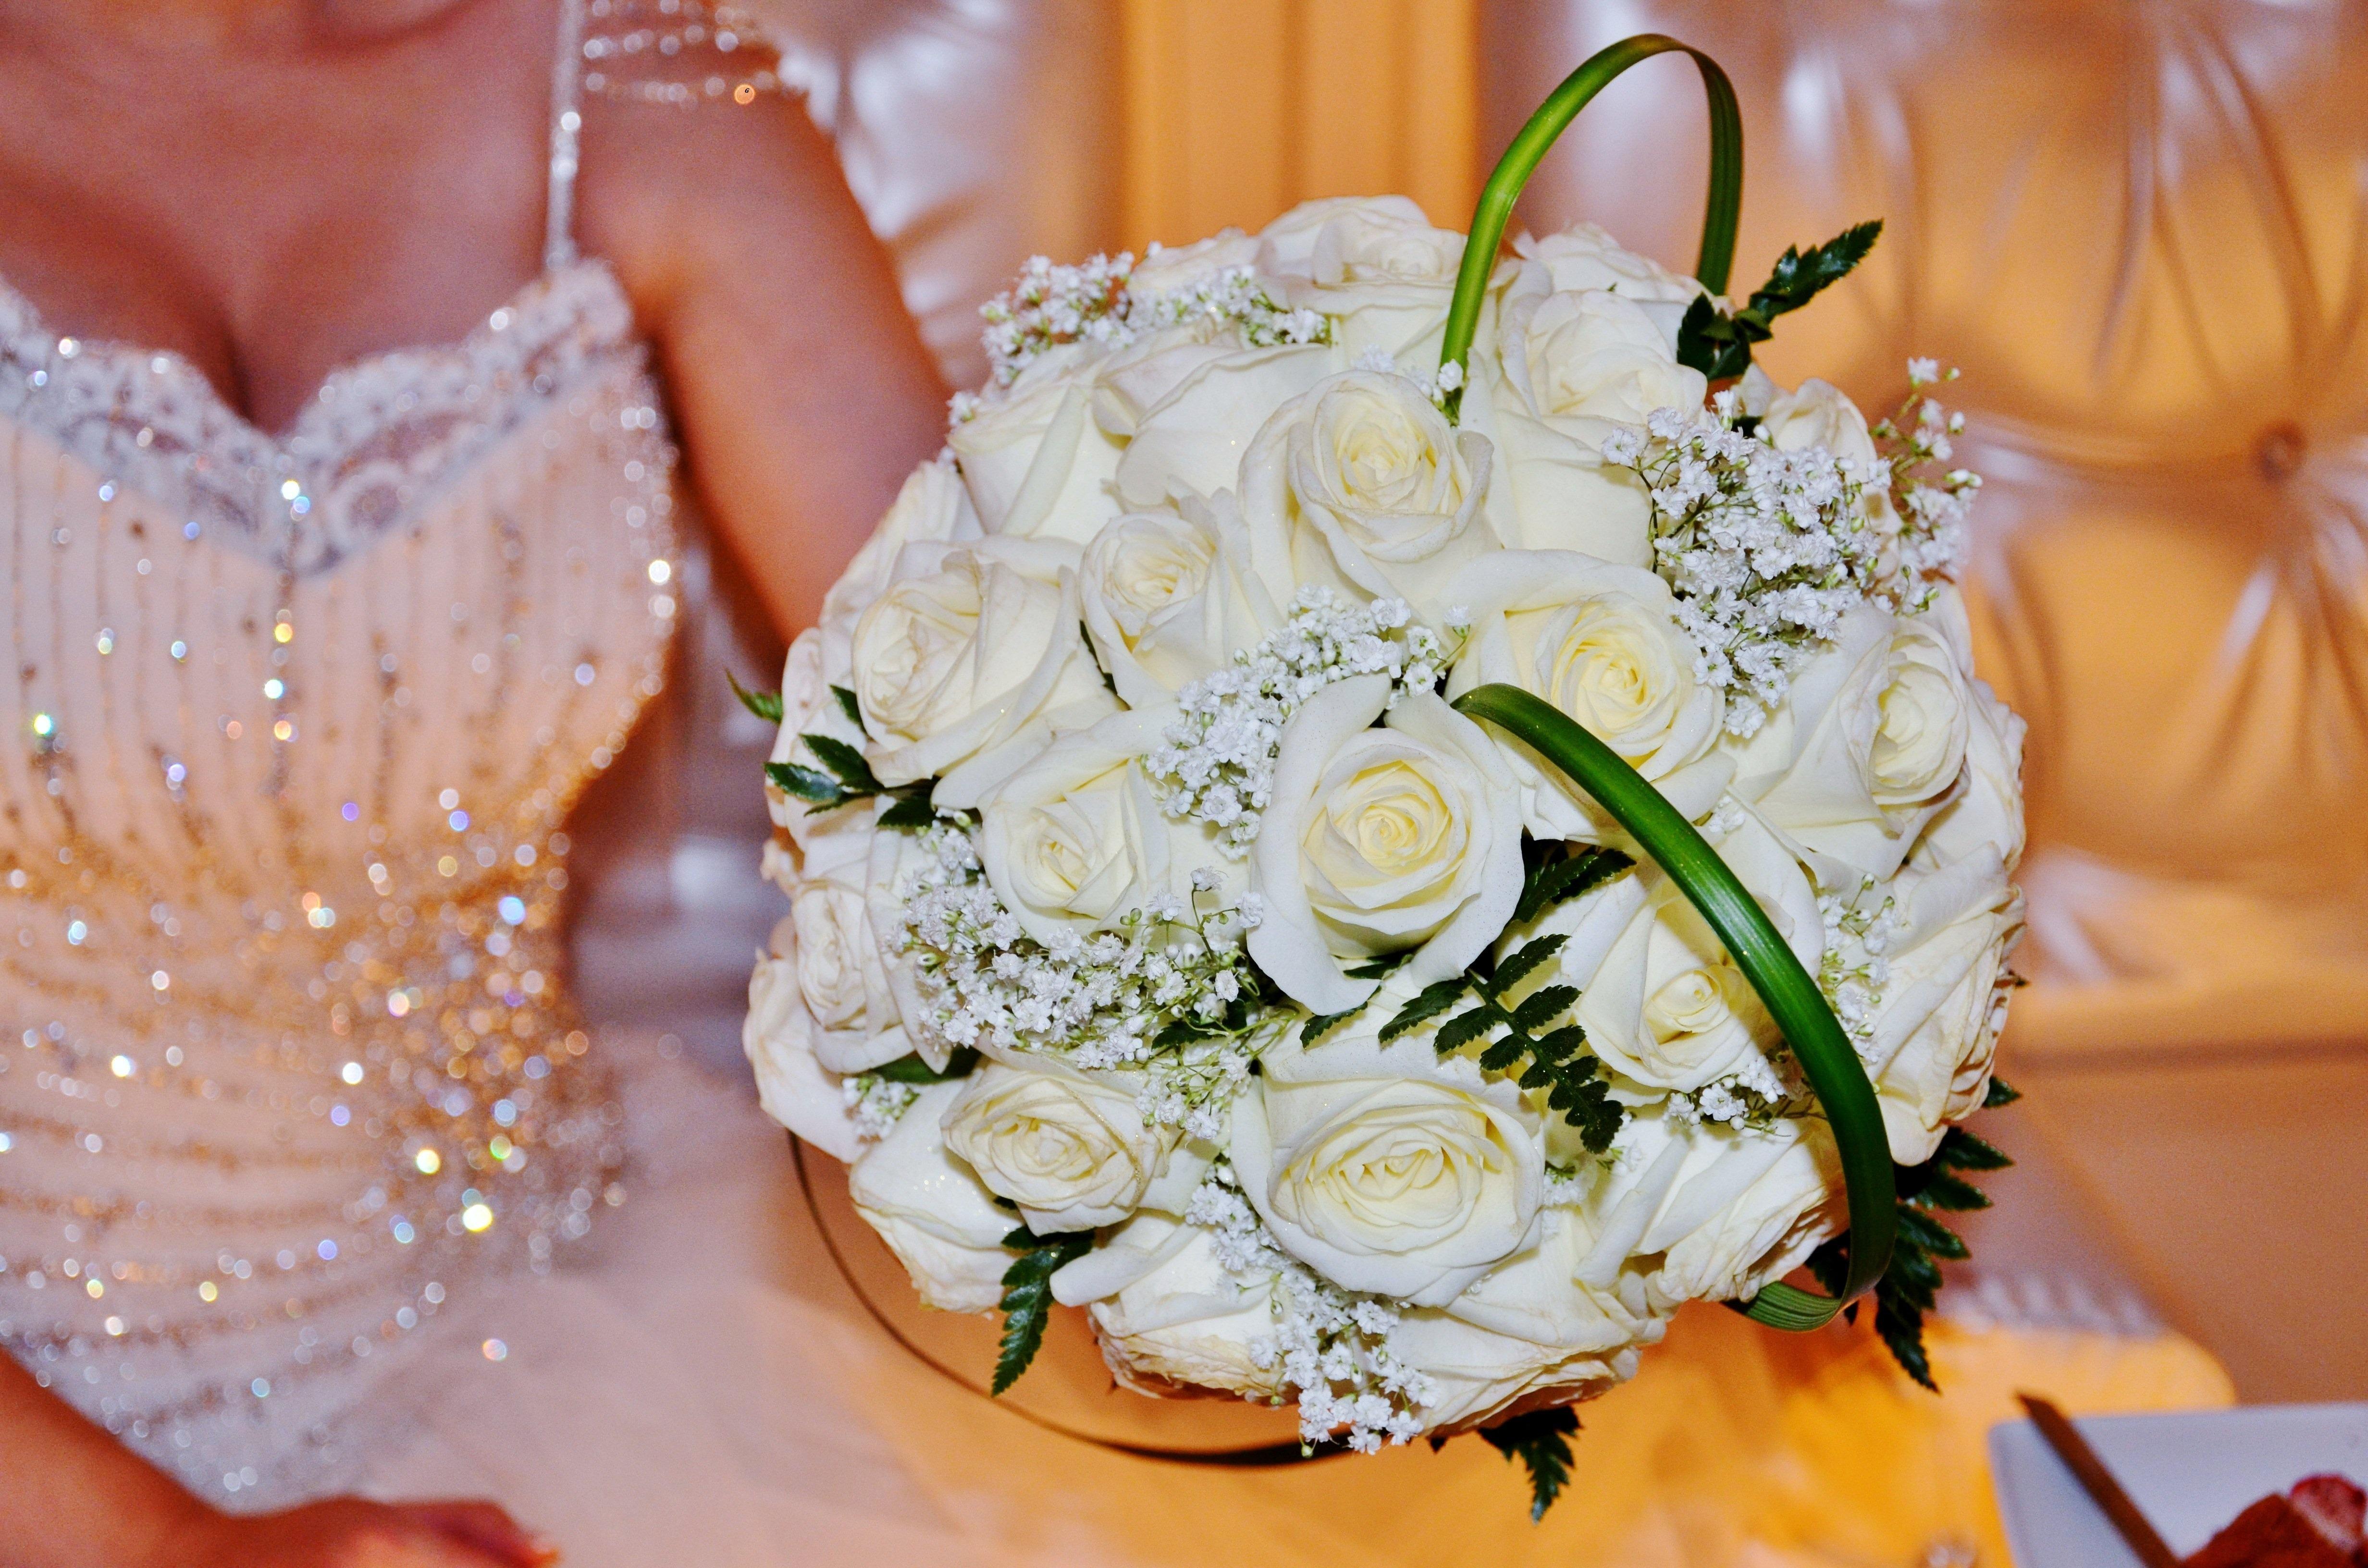 этом, чем картинки цветов для невест цао